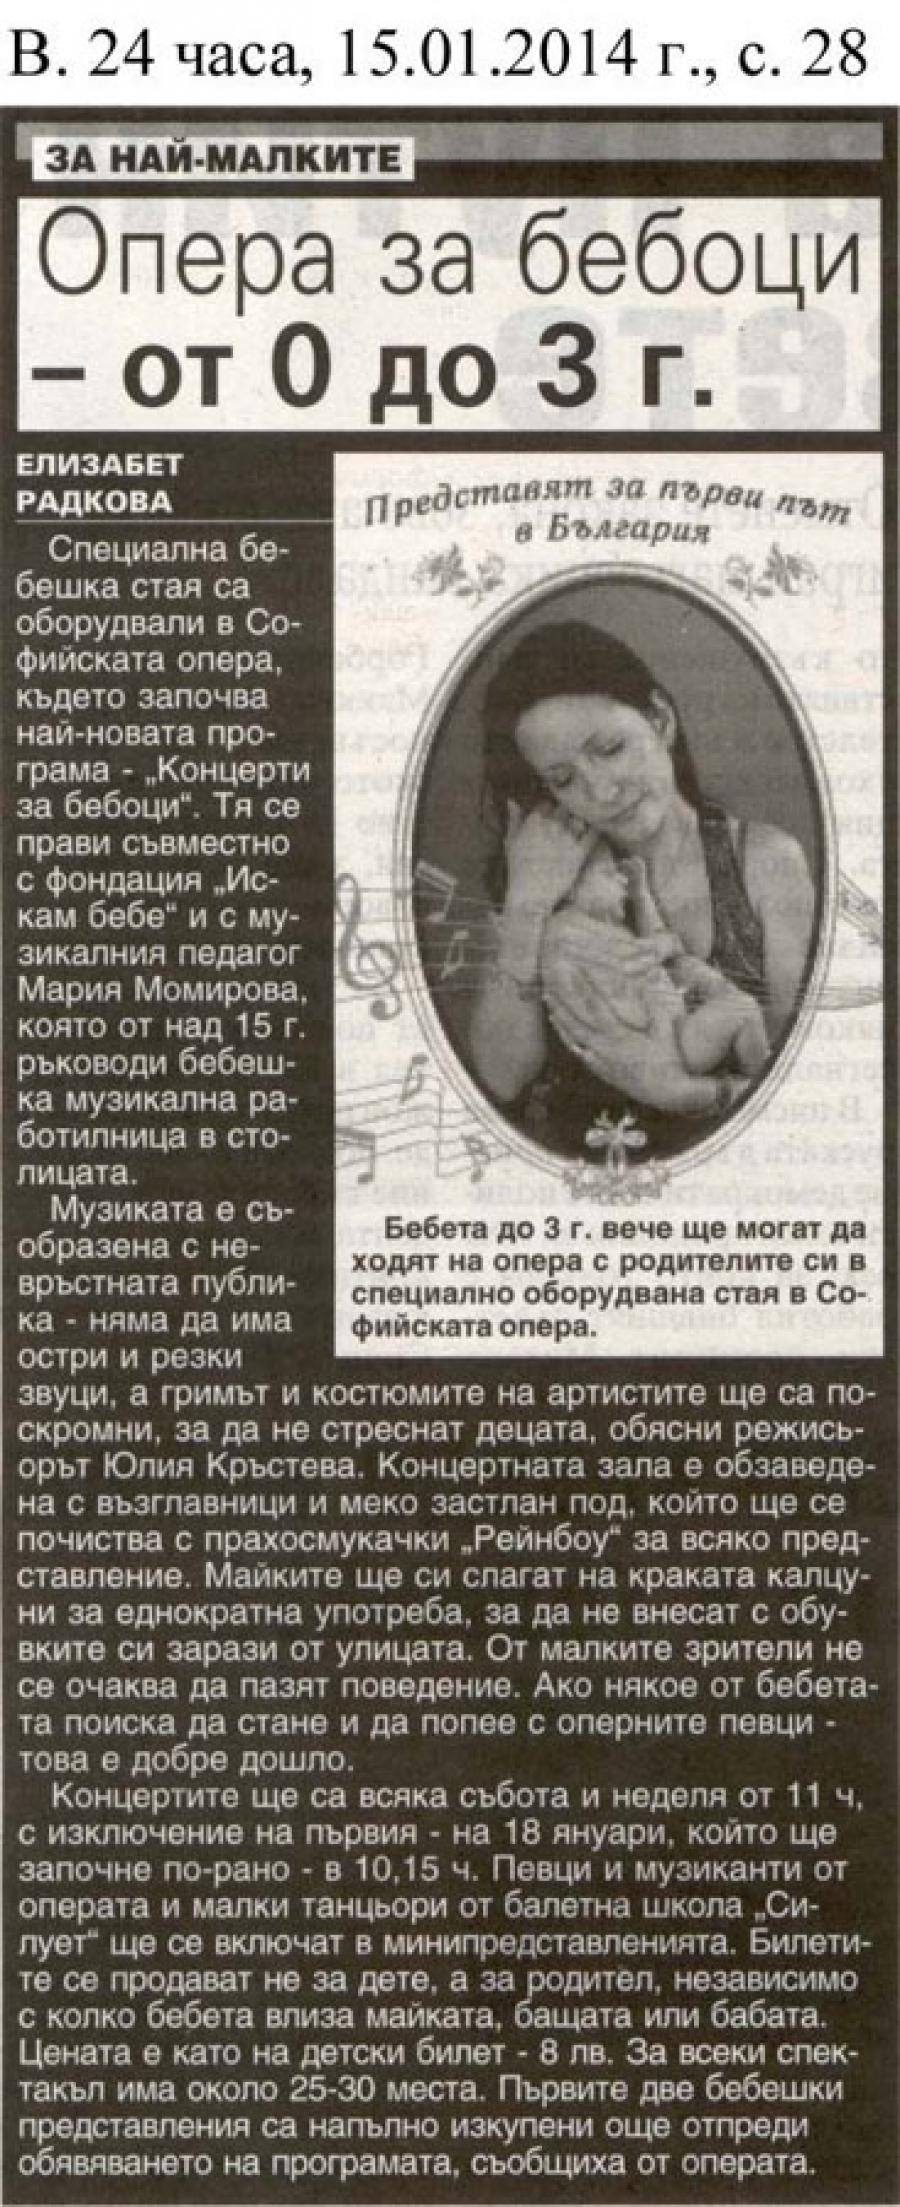 ОПЕРА ЗА БЕБОЦИ ОТ 0 ДО 3 ГОДИНИ - в-к 24 часа,15.01.2014